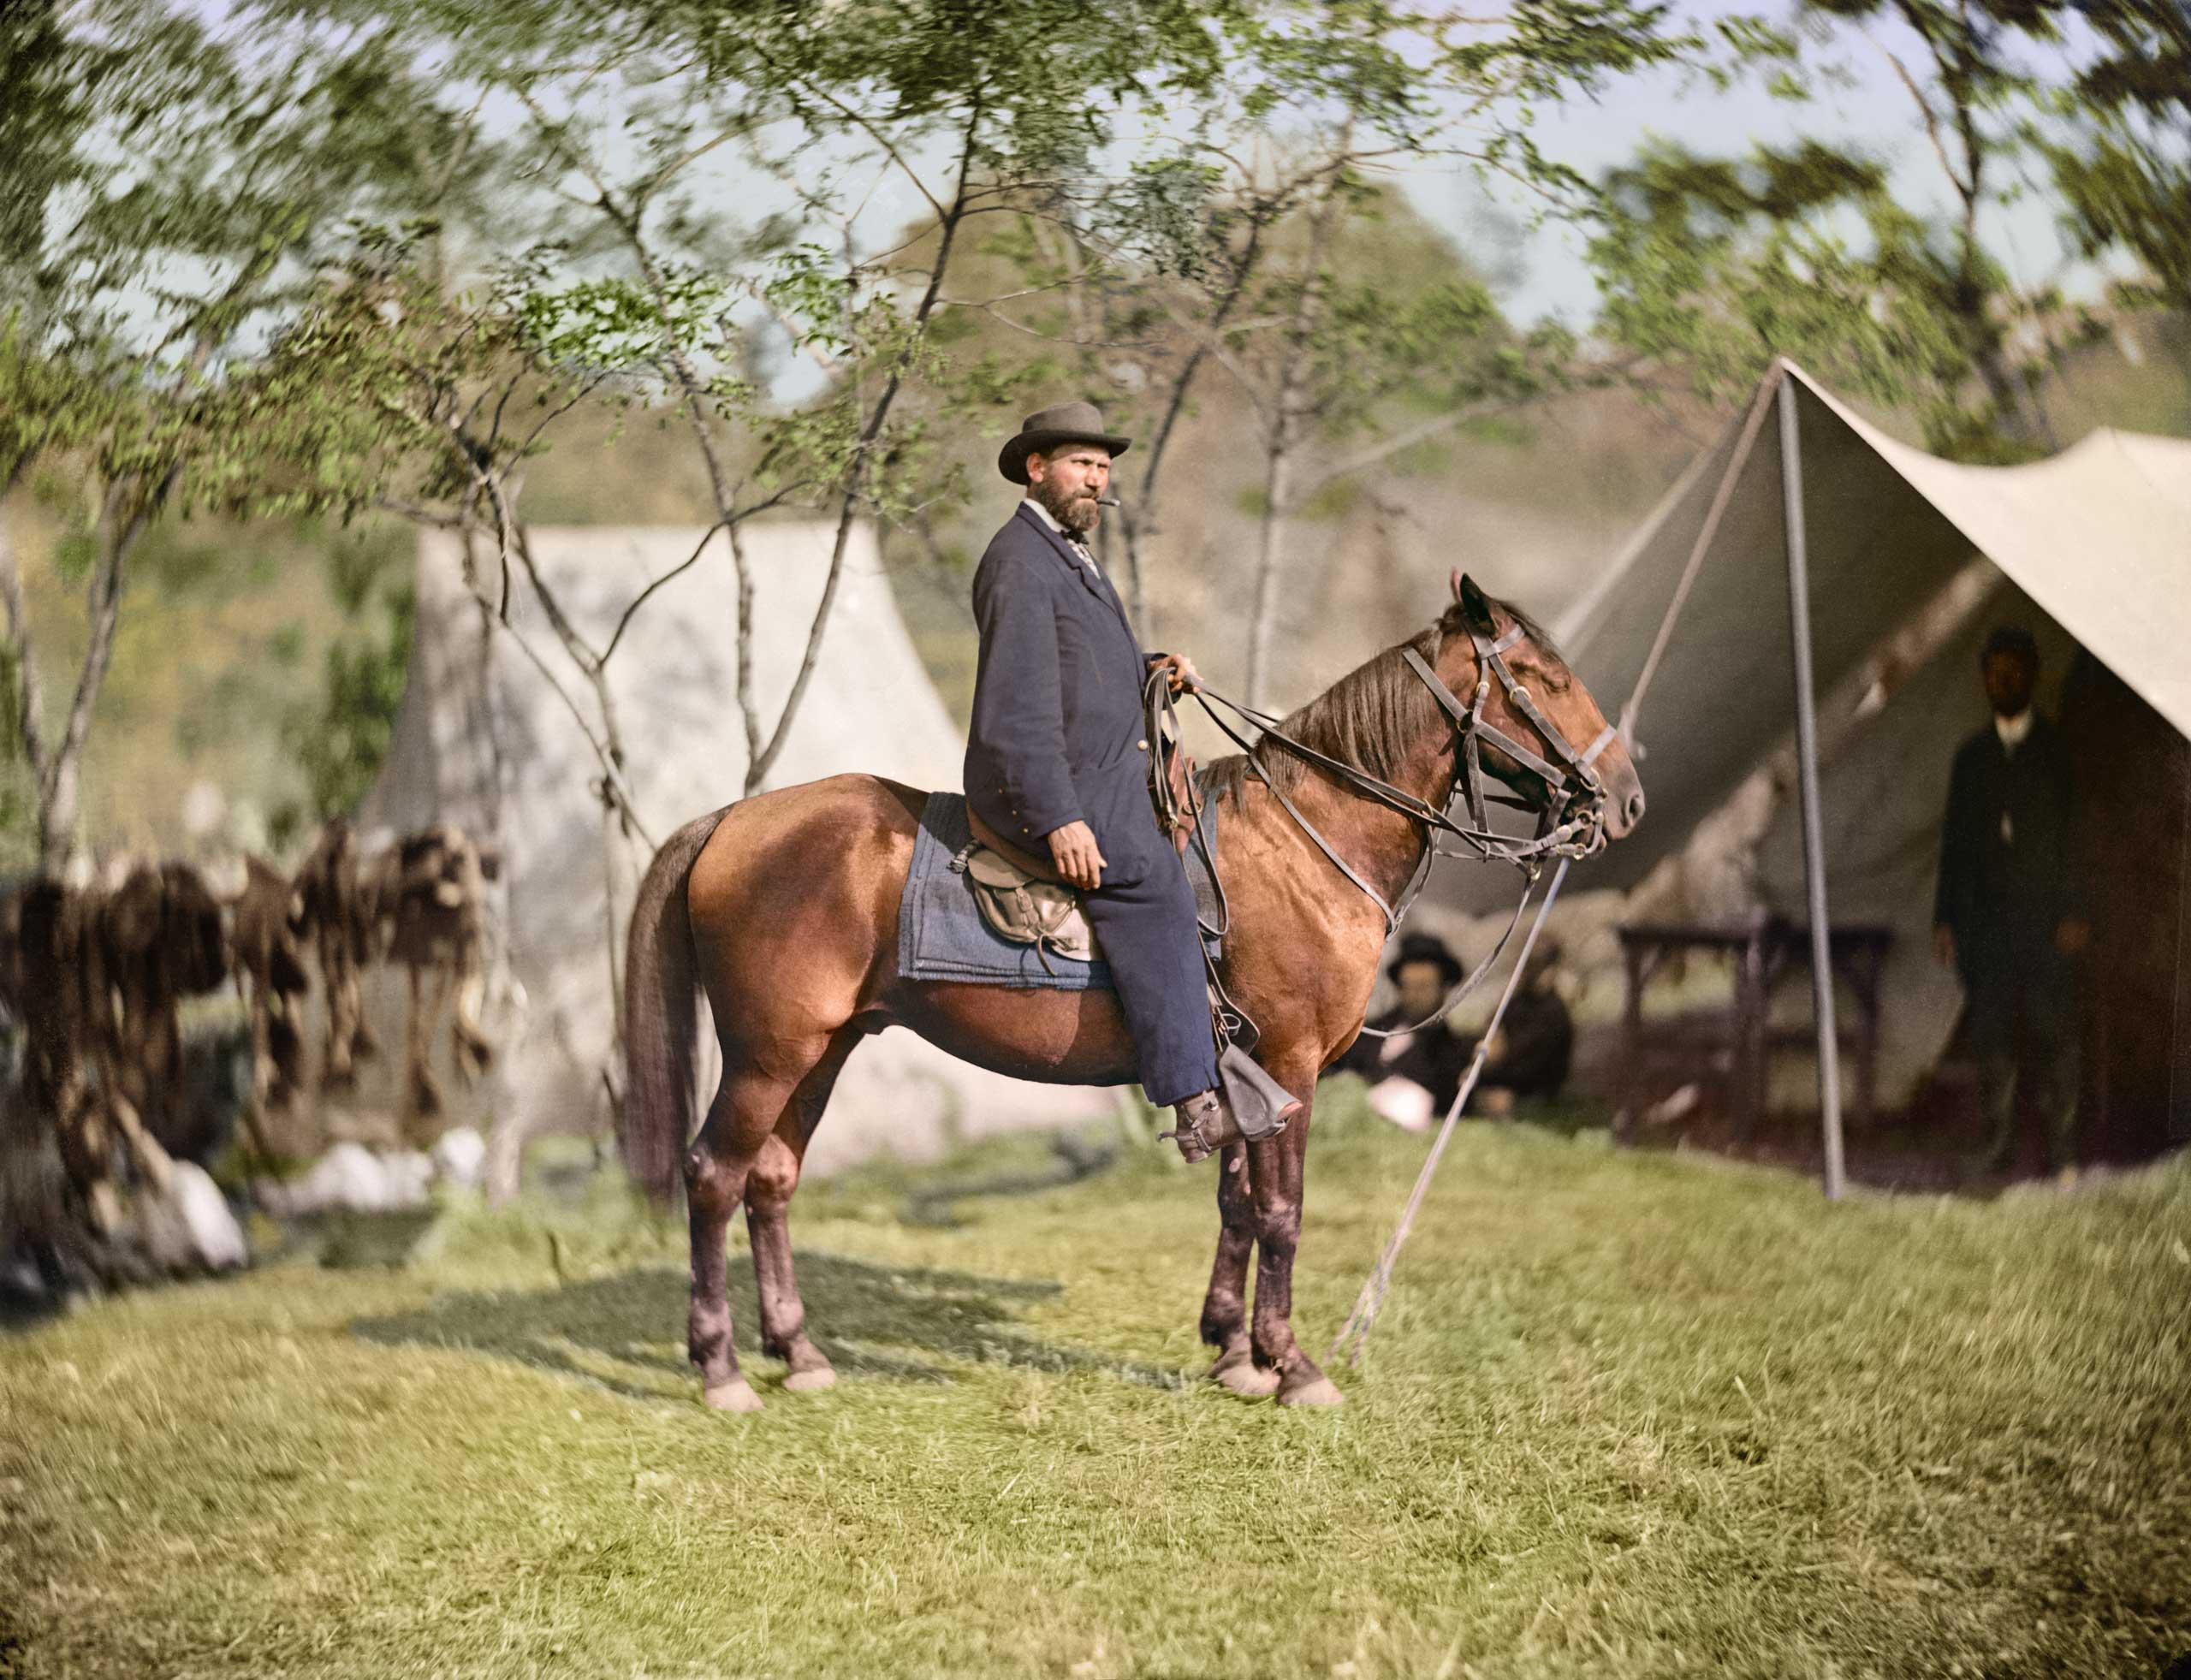 """Allan Pinkerton (""""E. J. Allen"""") of the Secret Service on horseback in Antietam, Md., Oct. 1862."""